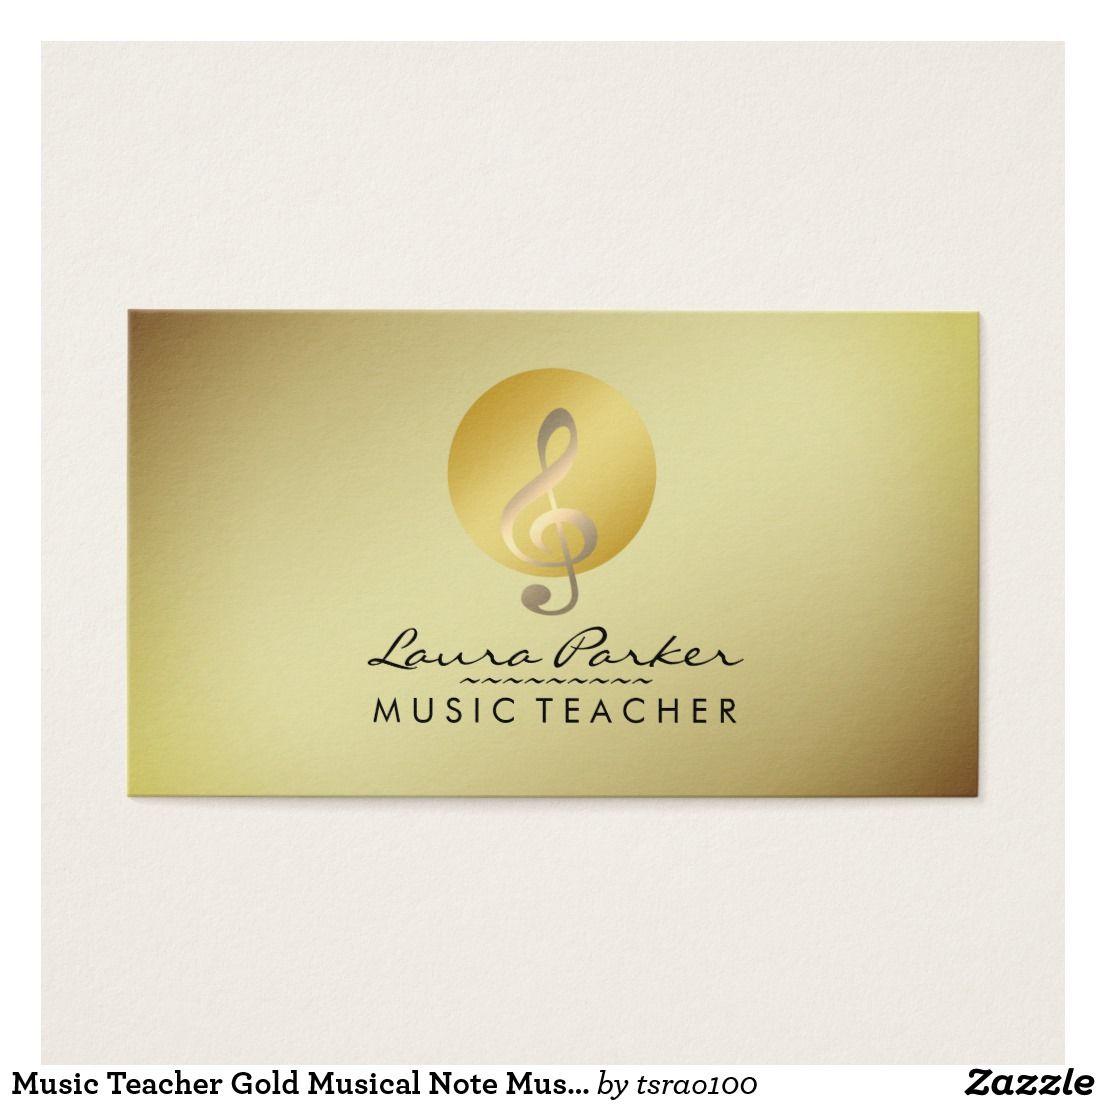 Music Teacher Gold Musical Note Musician Business Card | Music ...